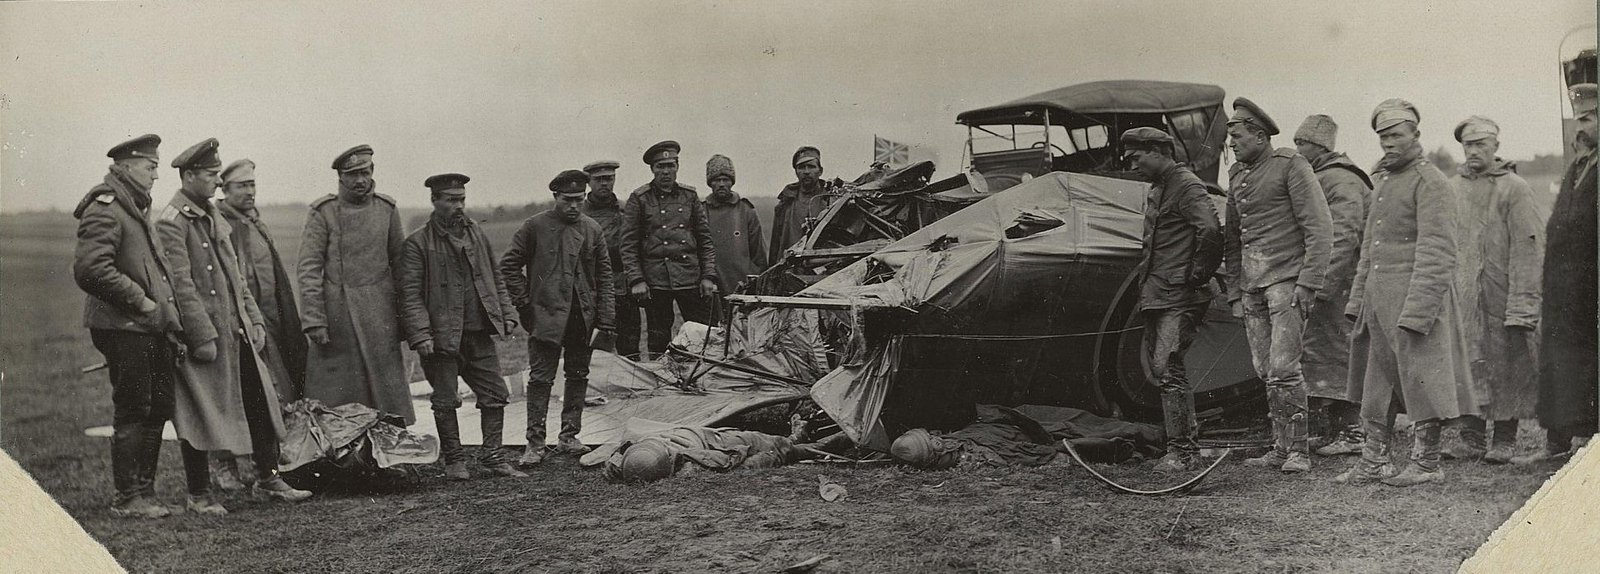 21. 1916.  Лётчик Исполатов и моторист Вавилов, разбившиеся близ Вишневуса. 17 сентября